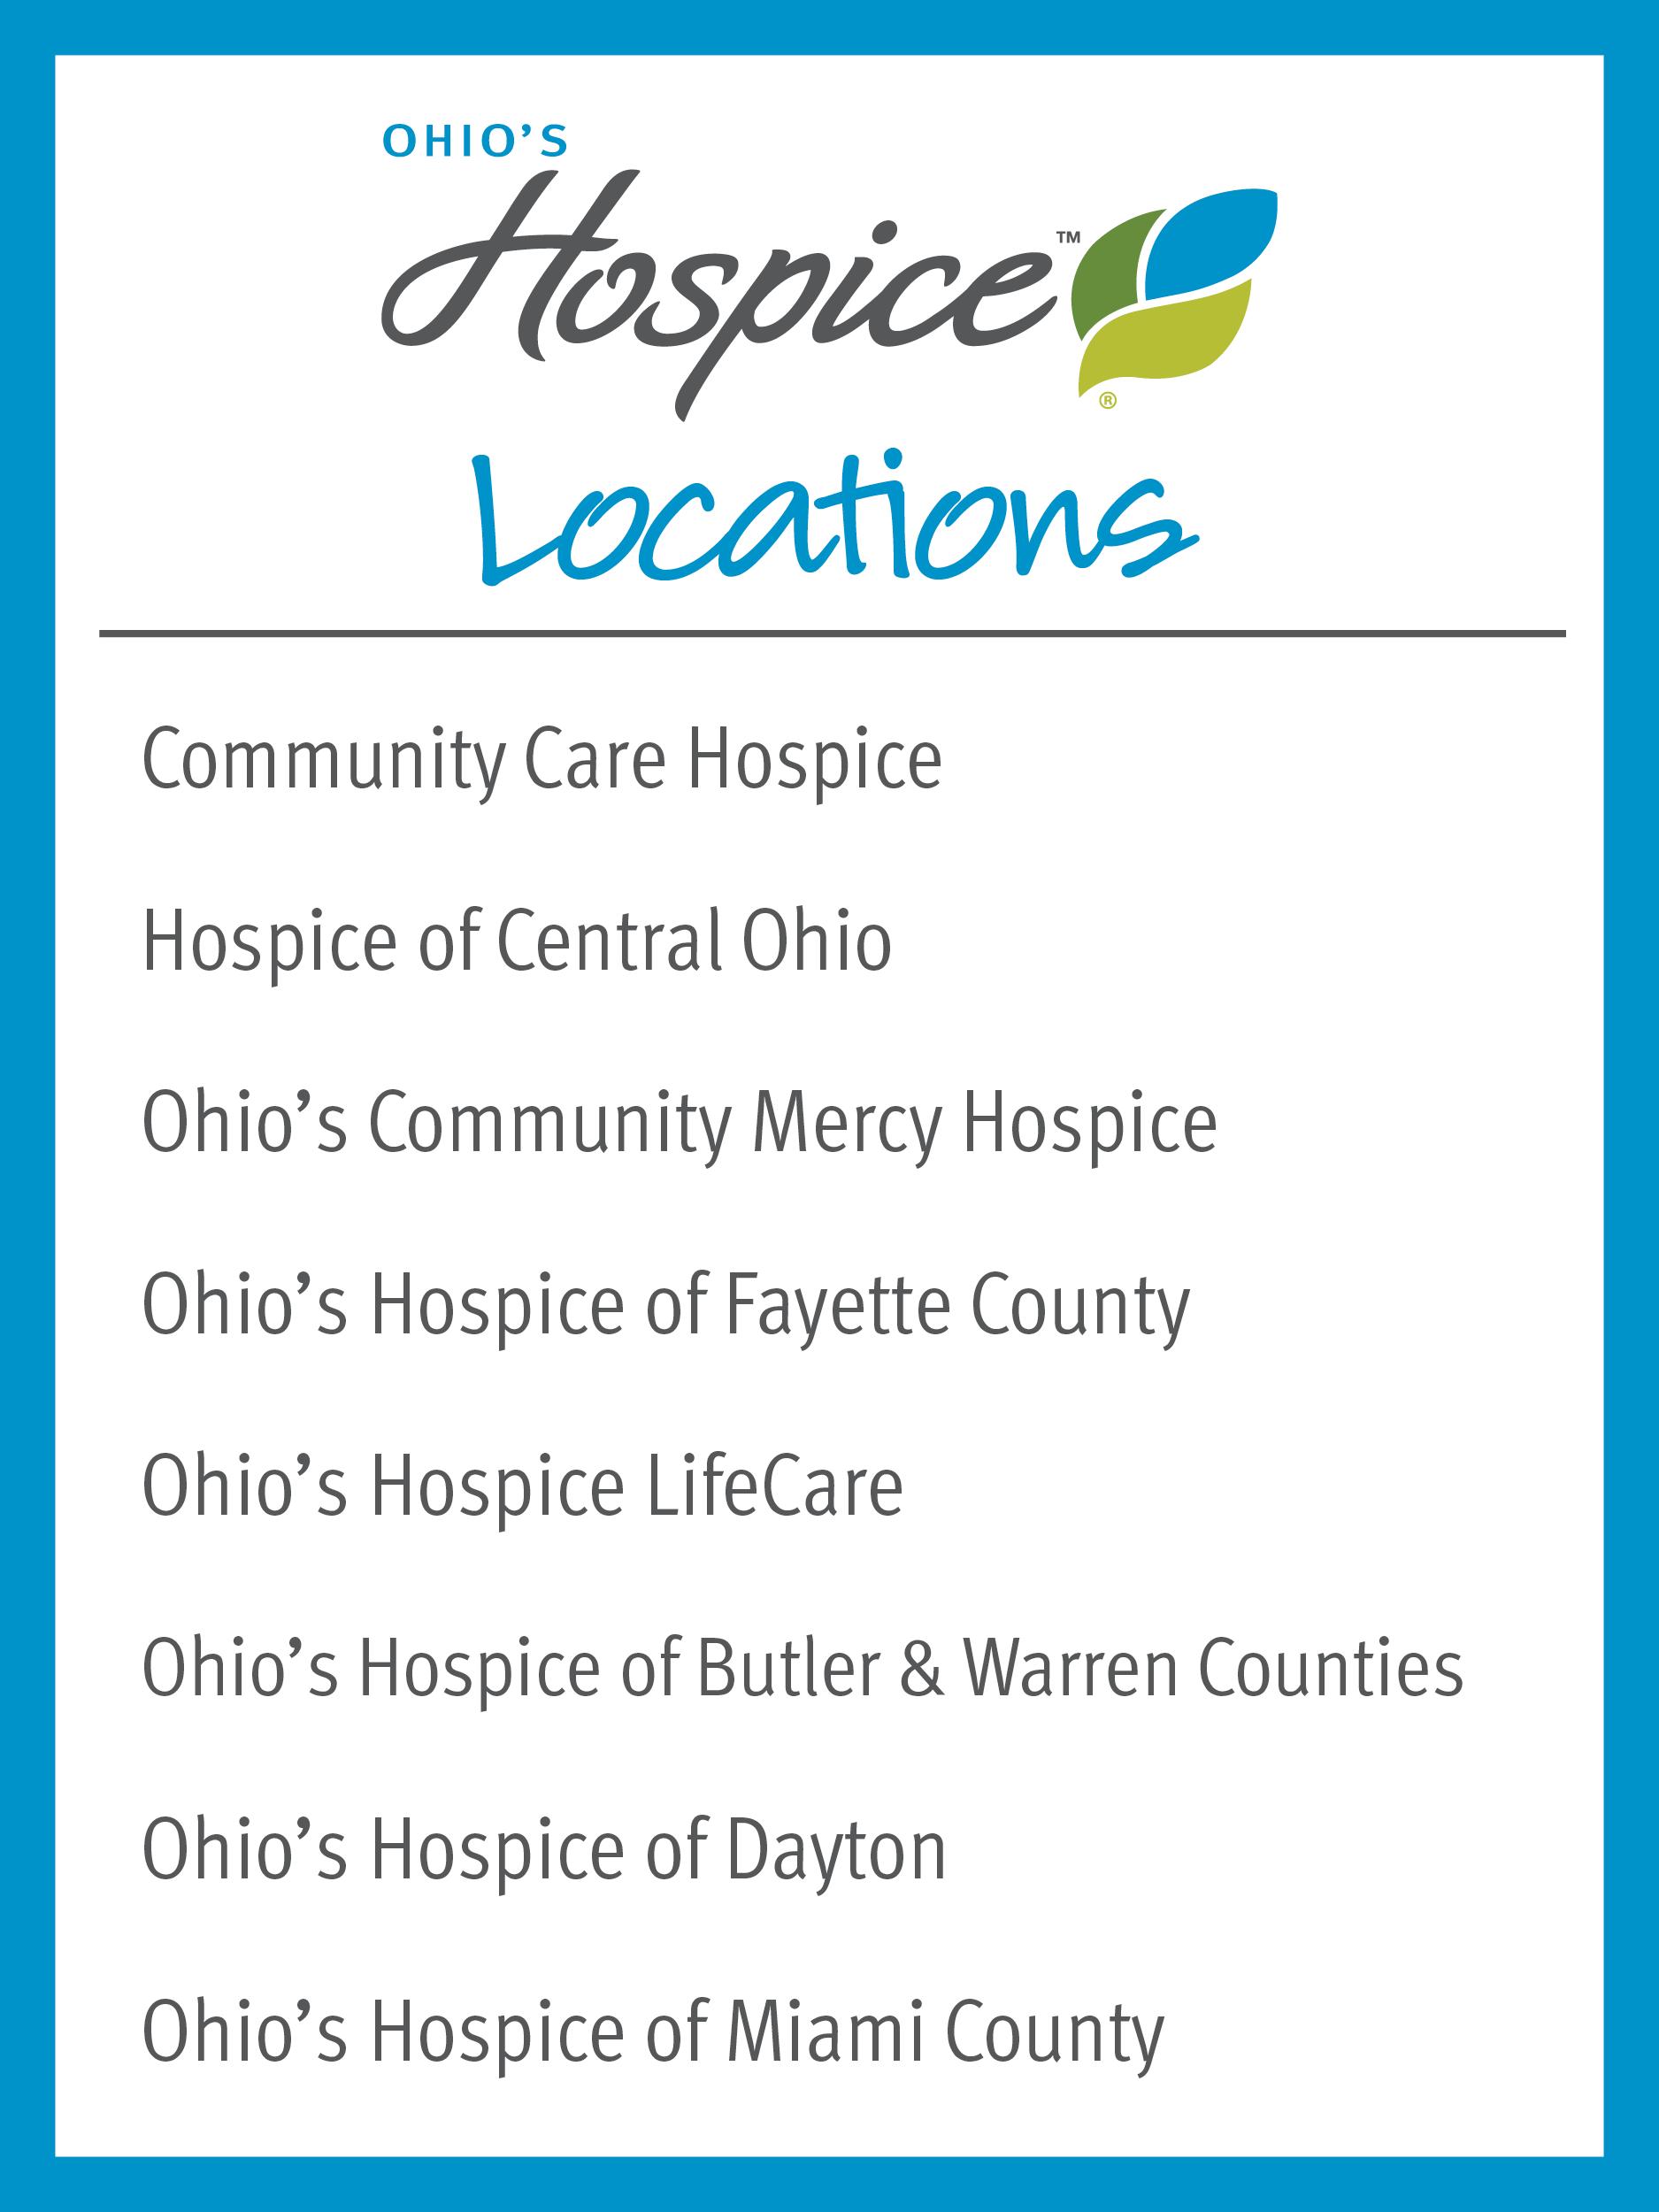 Ohio's Hospice locations